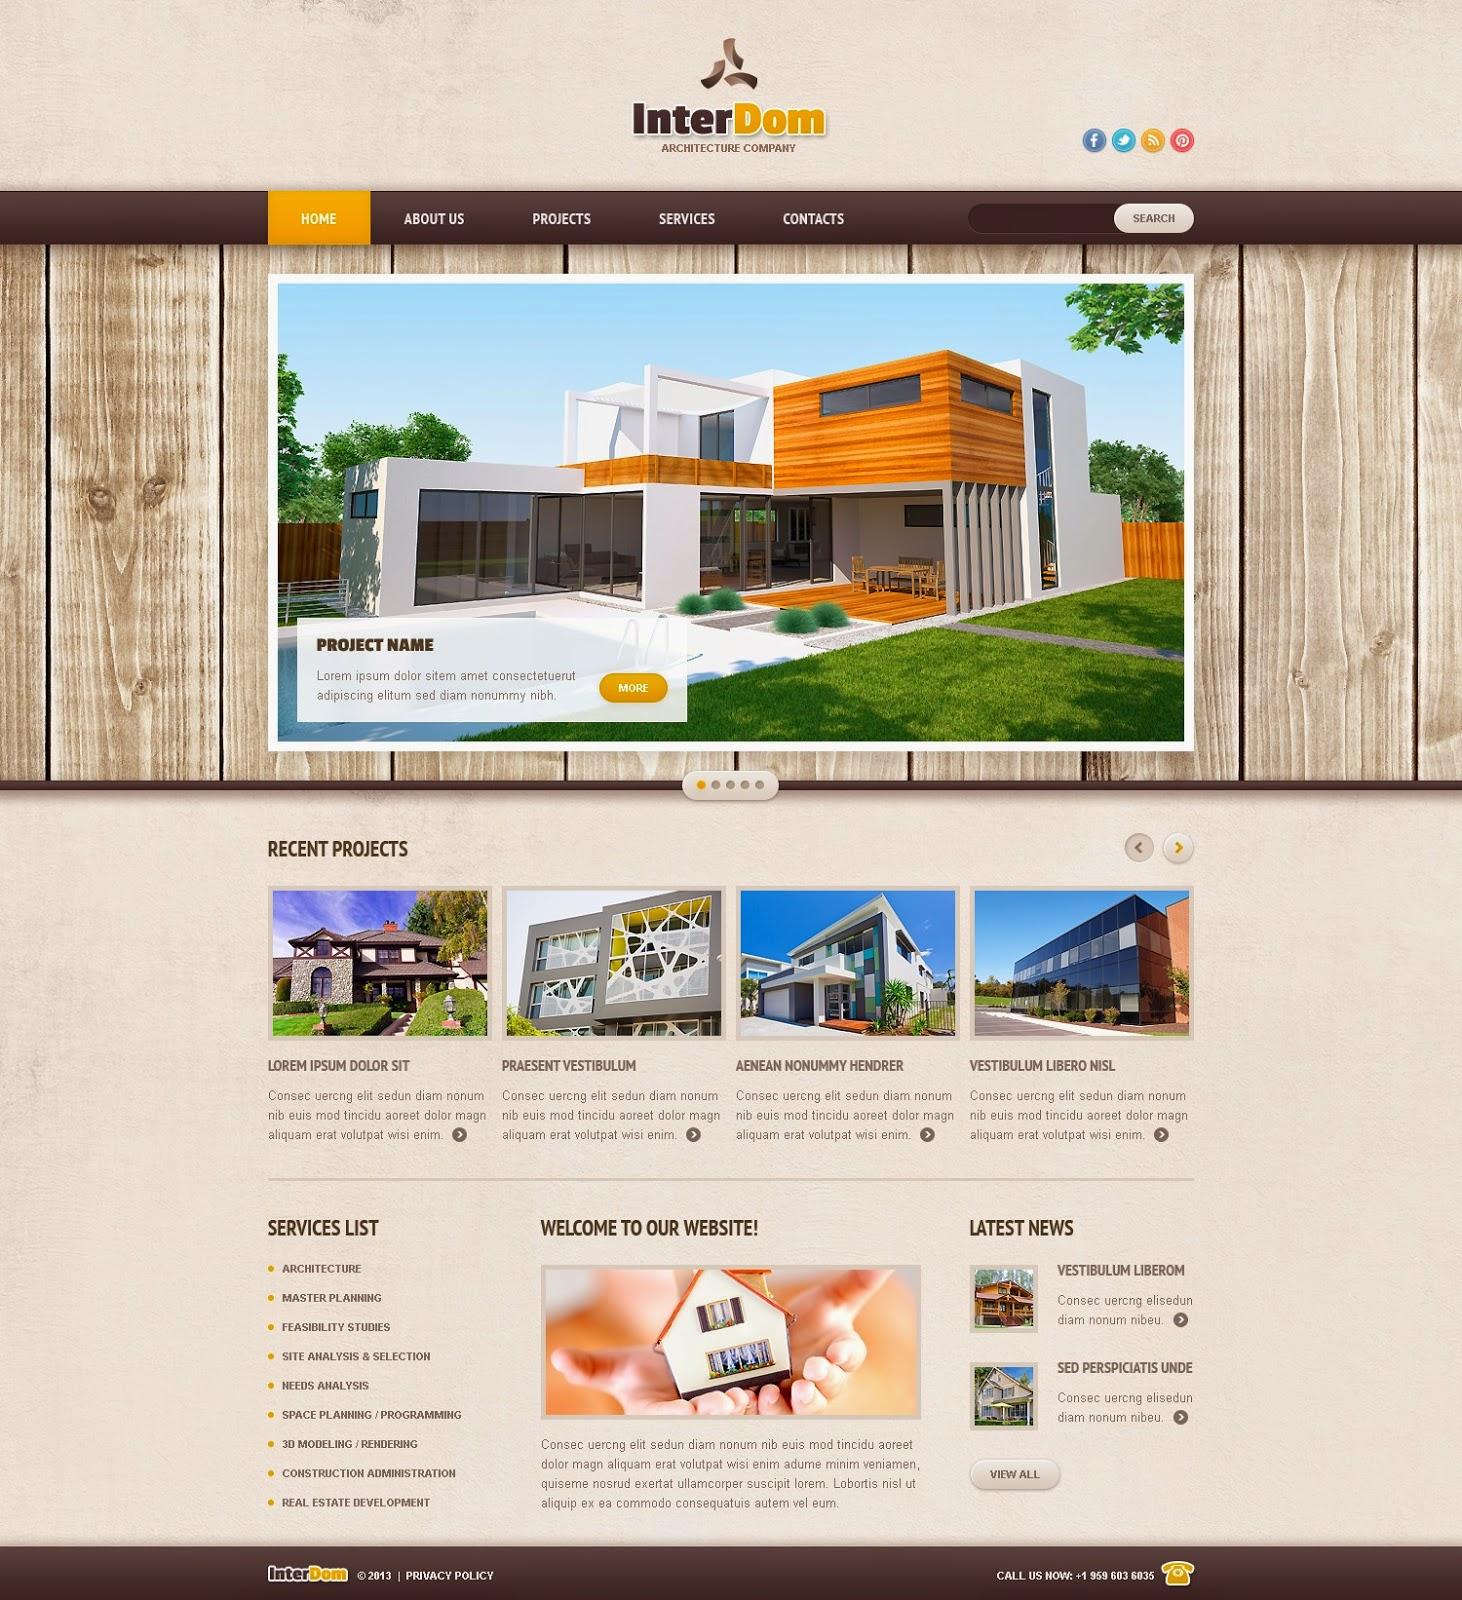 thiết kế website kiến trúc xây dựng đẹp